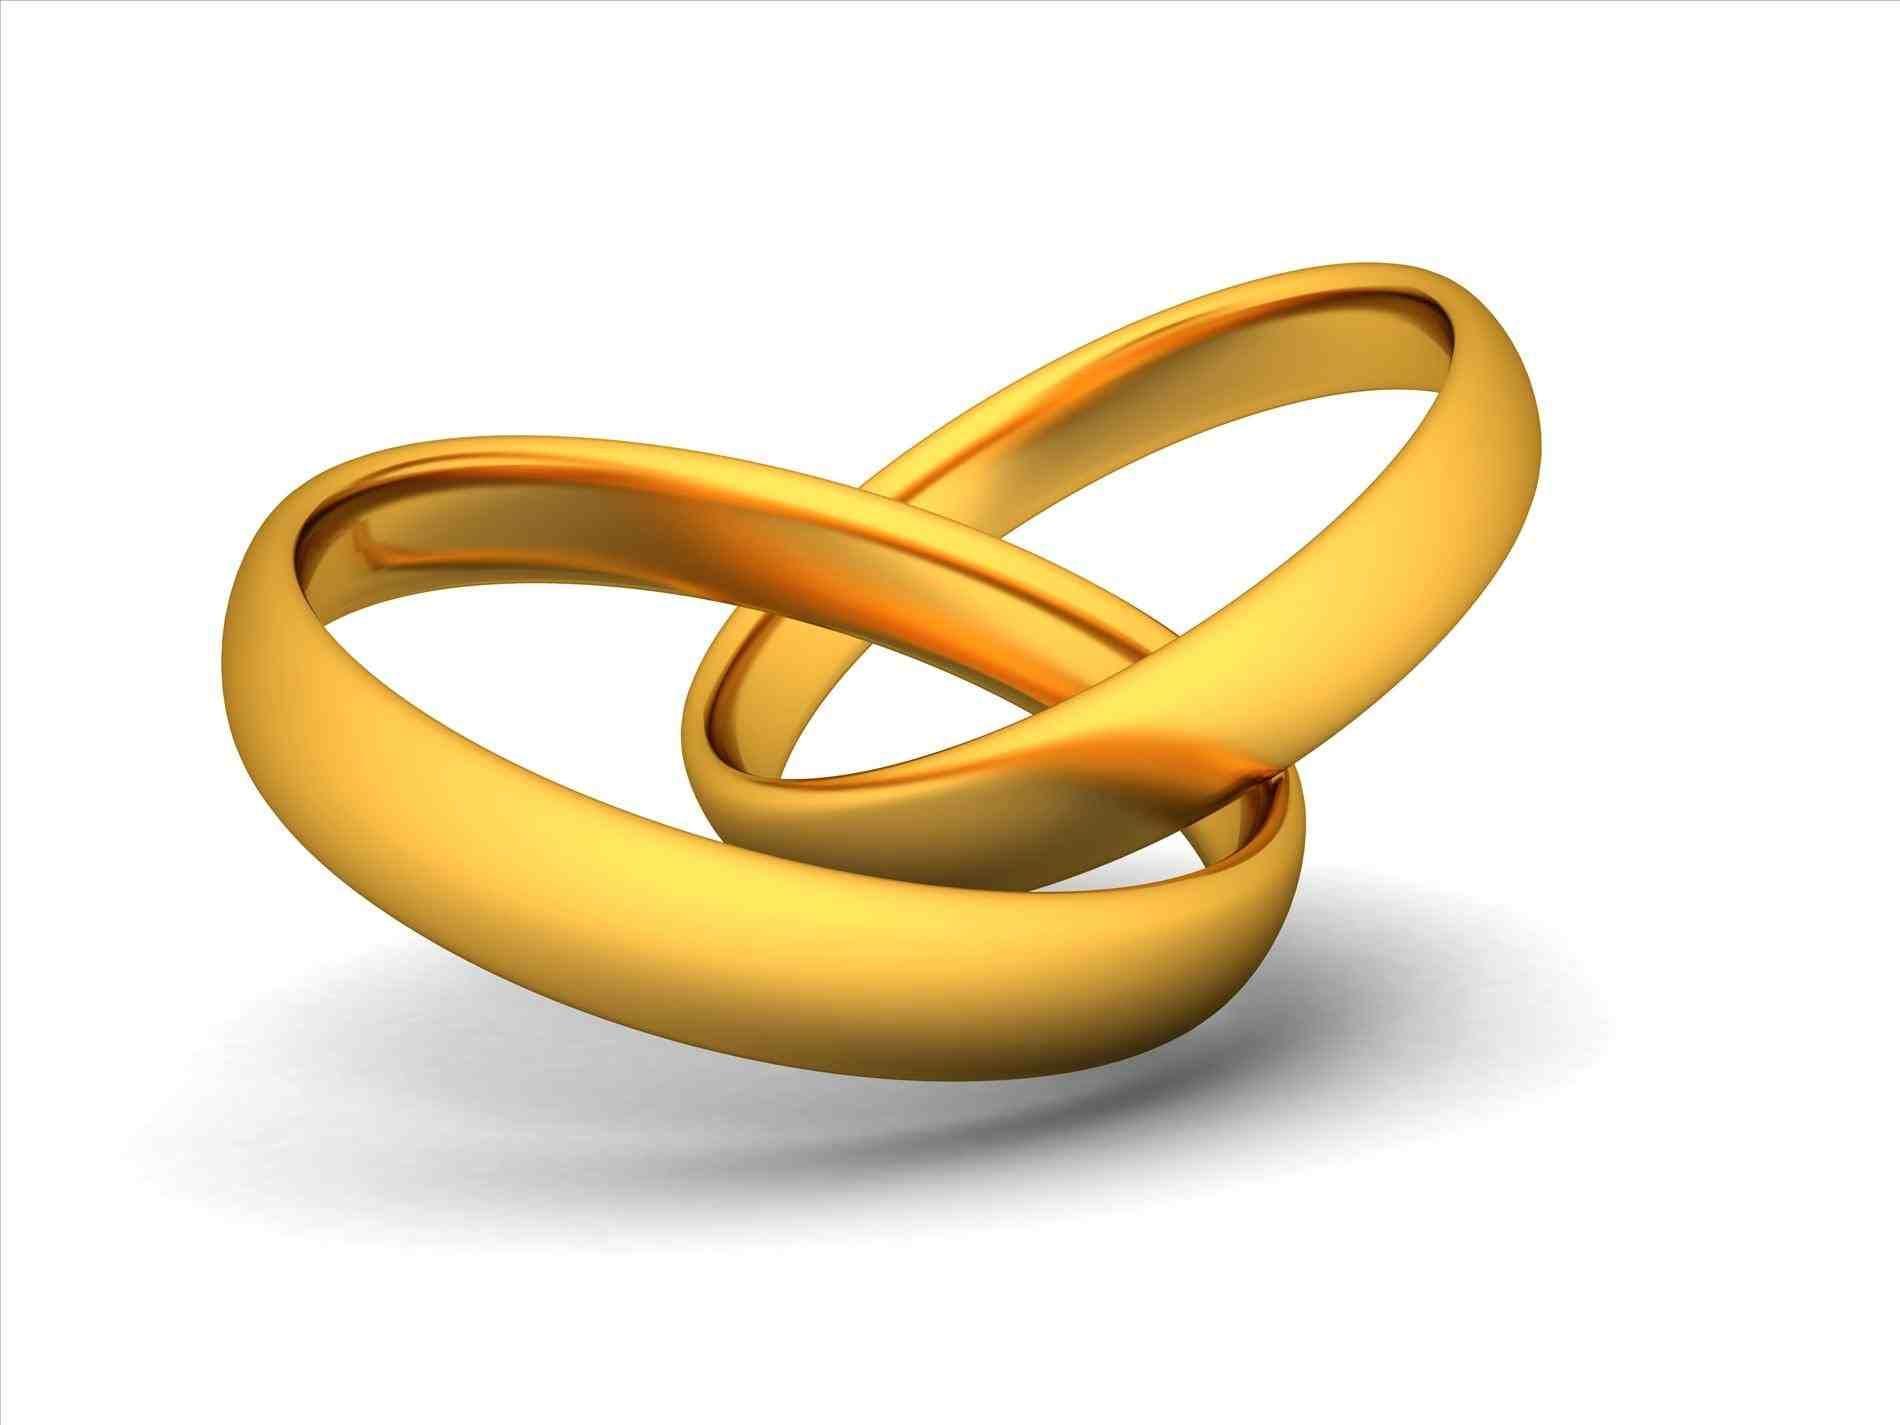 gold wedding bells clipart.